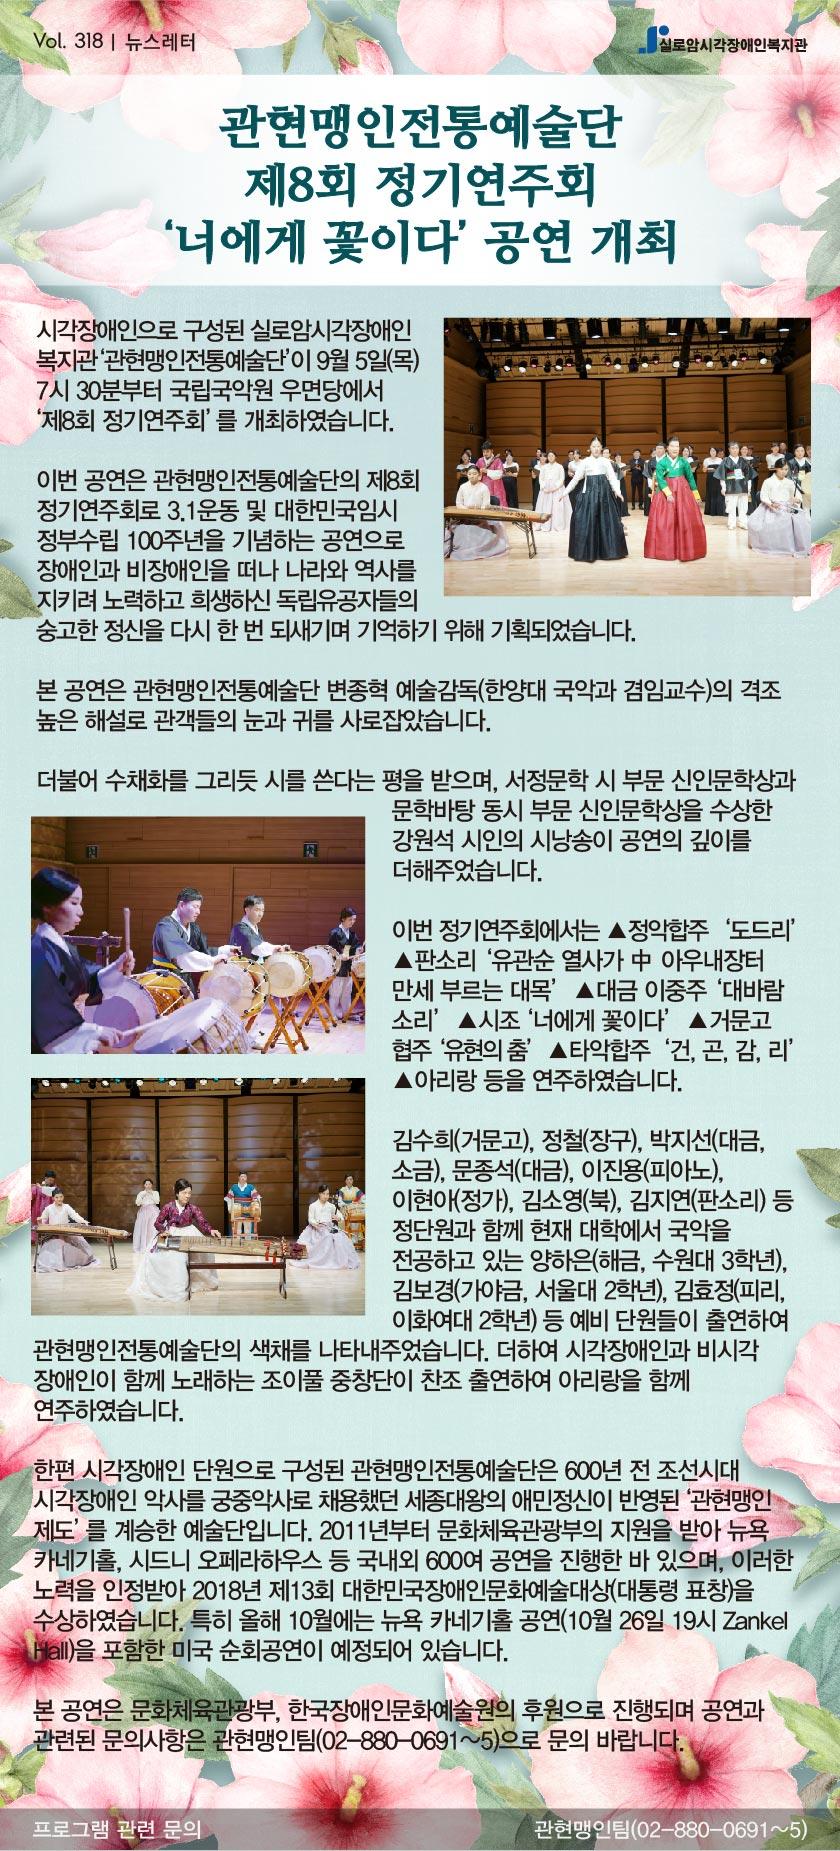 Vol.318 관현맹인전통예술단 제8회 정기연주회 썸네일